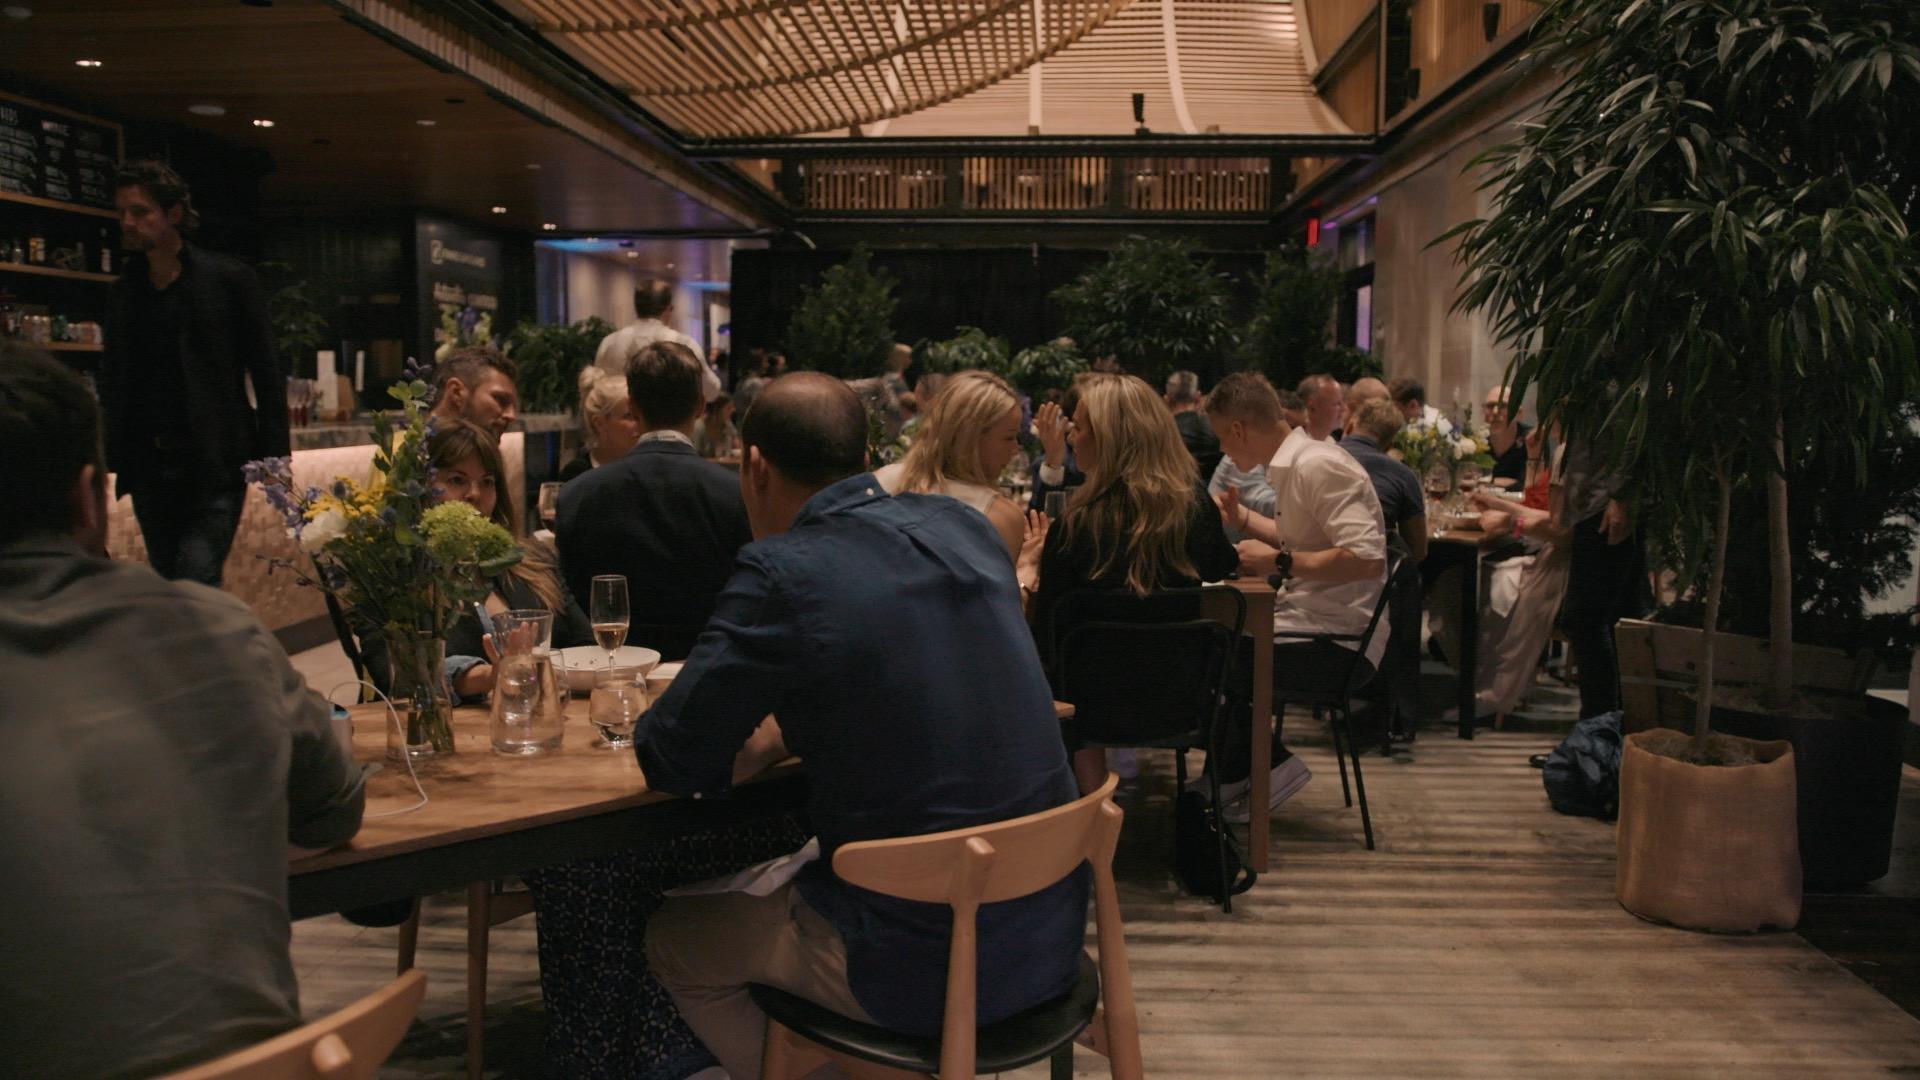 RESTAURANT LOKAL - AUSTIN, TEXAS - Det mest ambitiøse restaurant-projekt under SXSW i Austin, Texas. En pop-up restaurant med Nordiske kokke, som i 6 dage lavede 9 innovative og bæredygtige retter. Læs blandt andet omtalen i Forbes Magazine her.